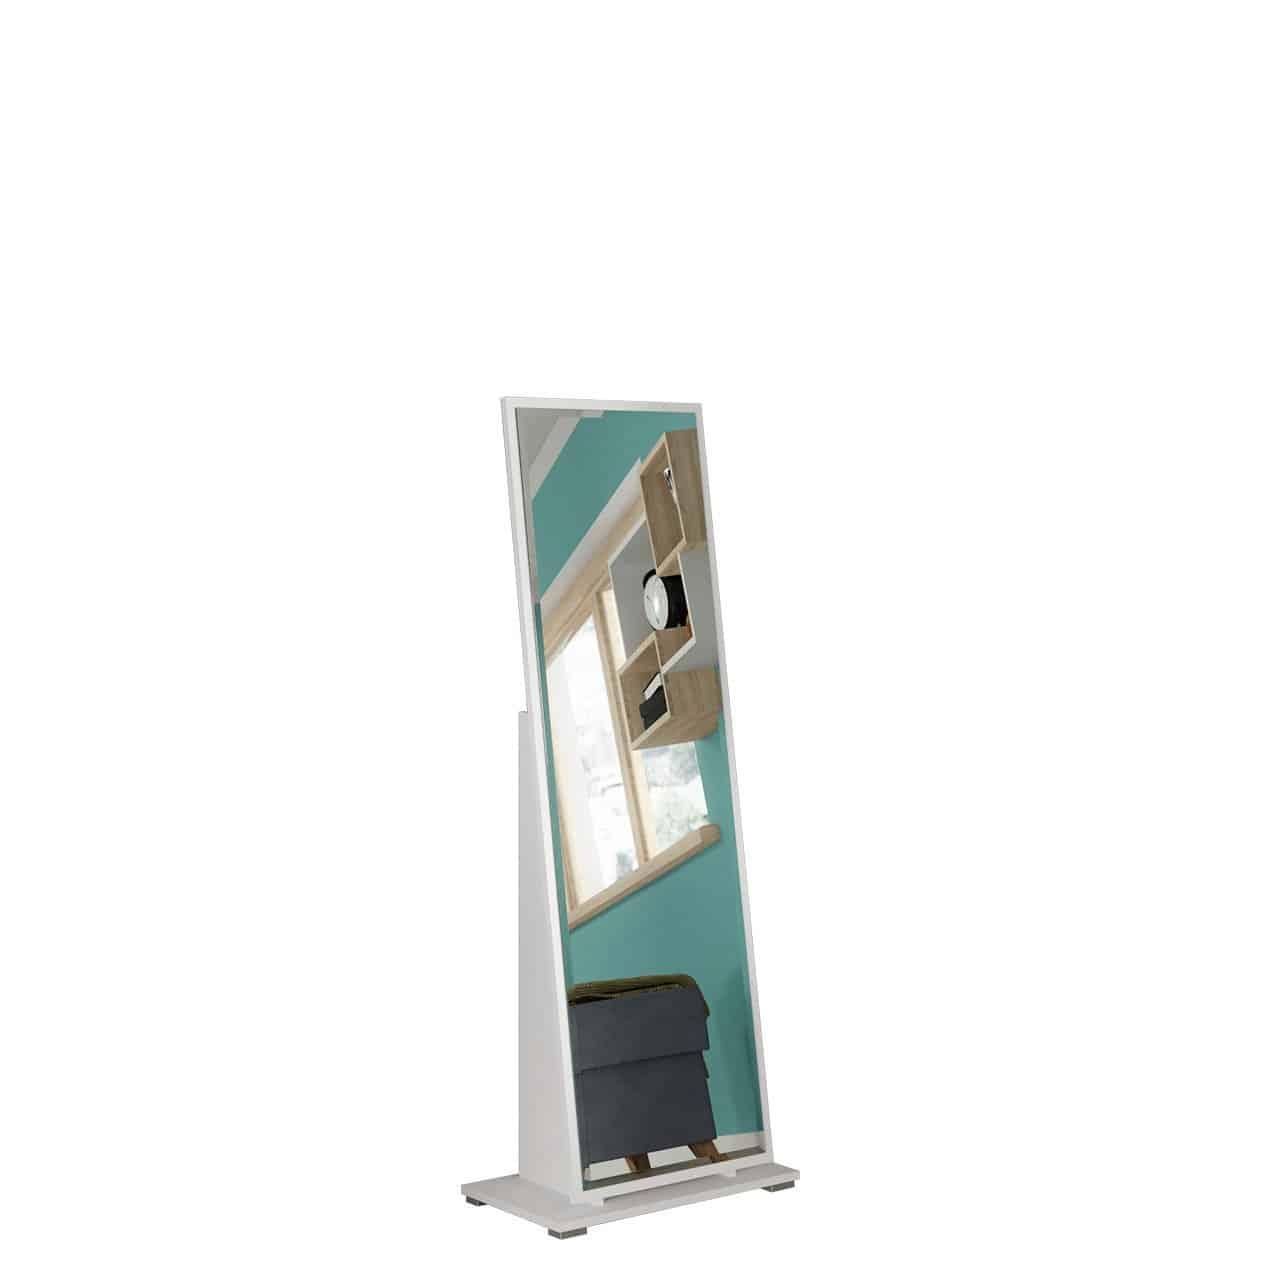 mirjan24 standspiegel fabi garderobenspiegel ankleidespiegel ganzk rperspiegel gro e spiegel. Black Bedroom Furniture Sets. Home Design Ideas